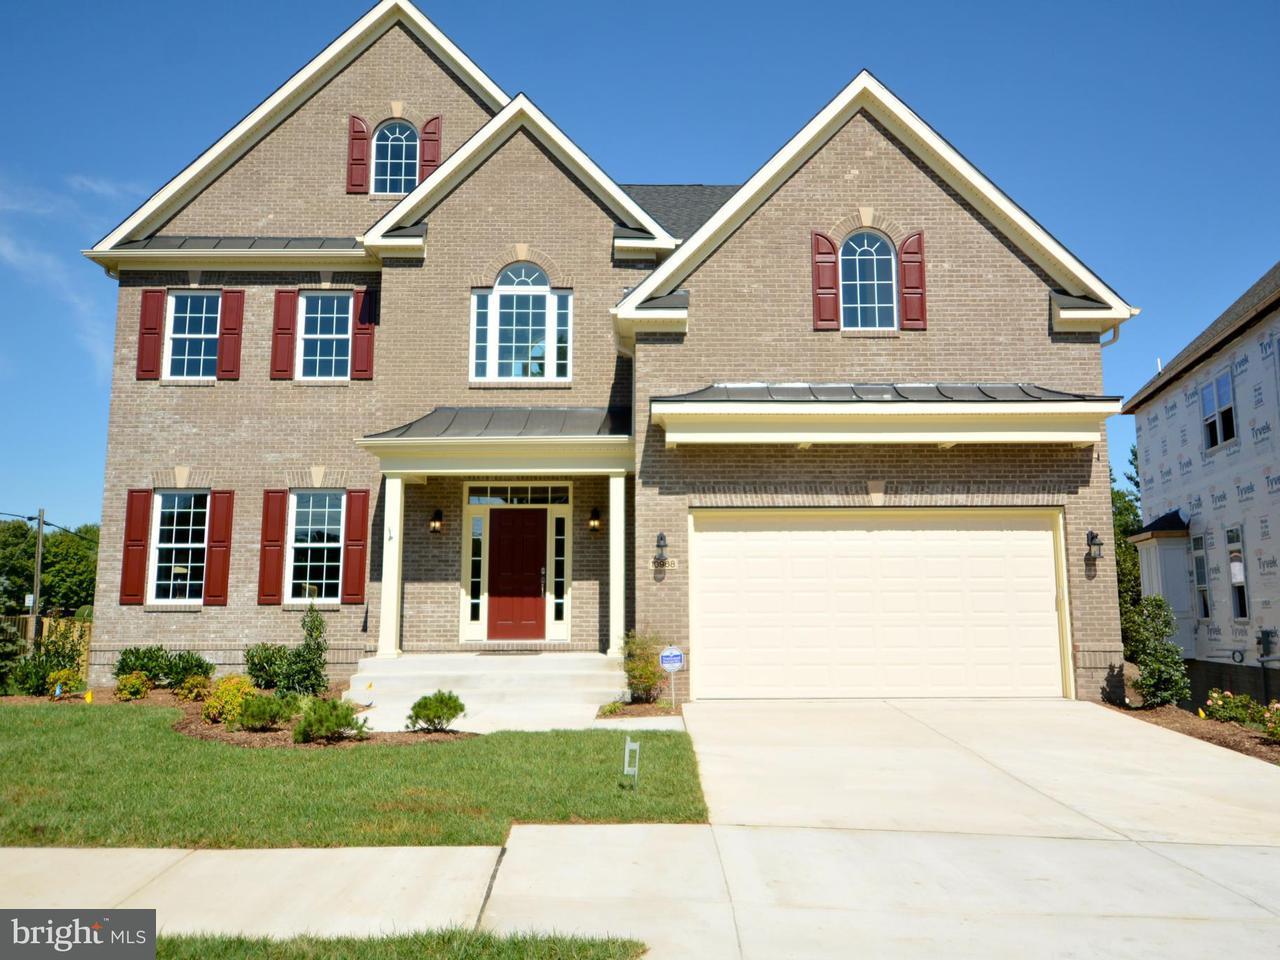 Частный односемейный дом для того Продажа на 10968 THOMPSONS CREEK Circle 10968 THOMPSONS CREEK Circle Fairfax Station, Виргиния 22039 Соединенные Штаты